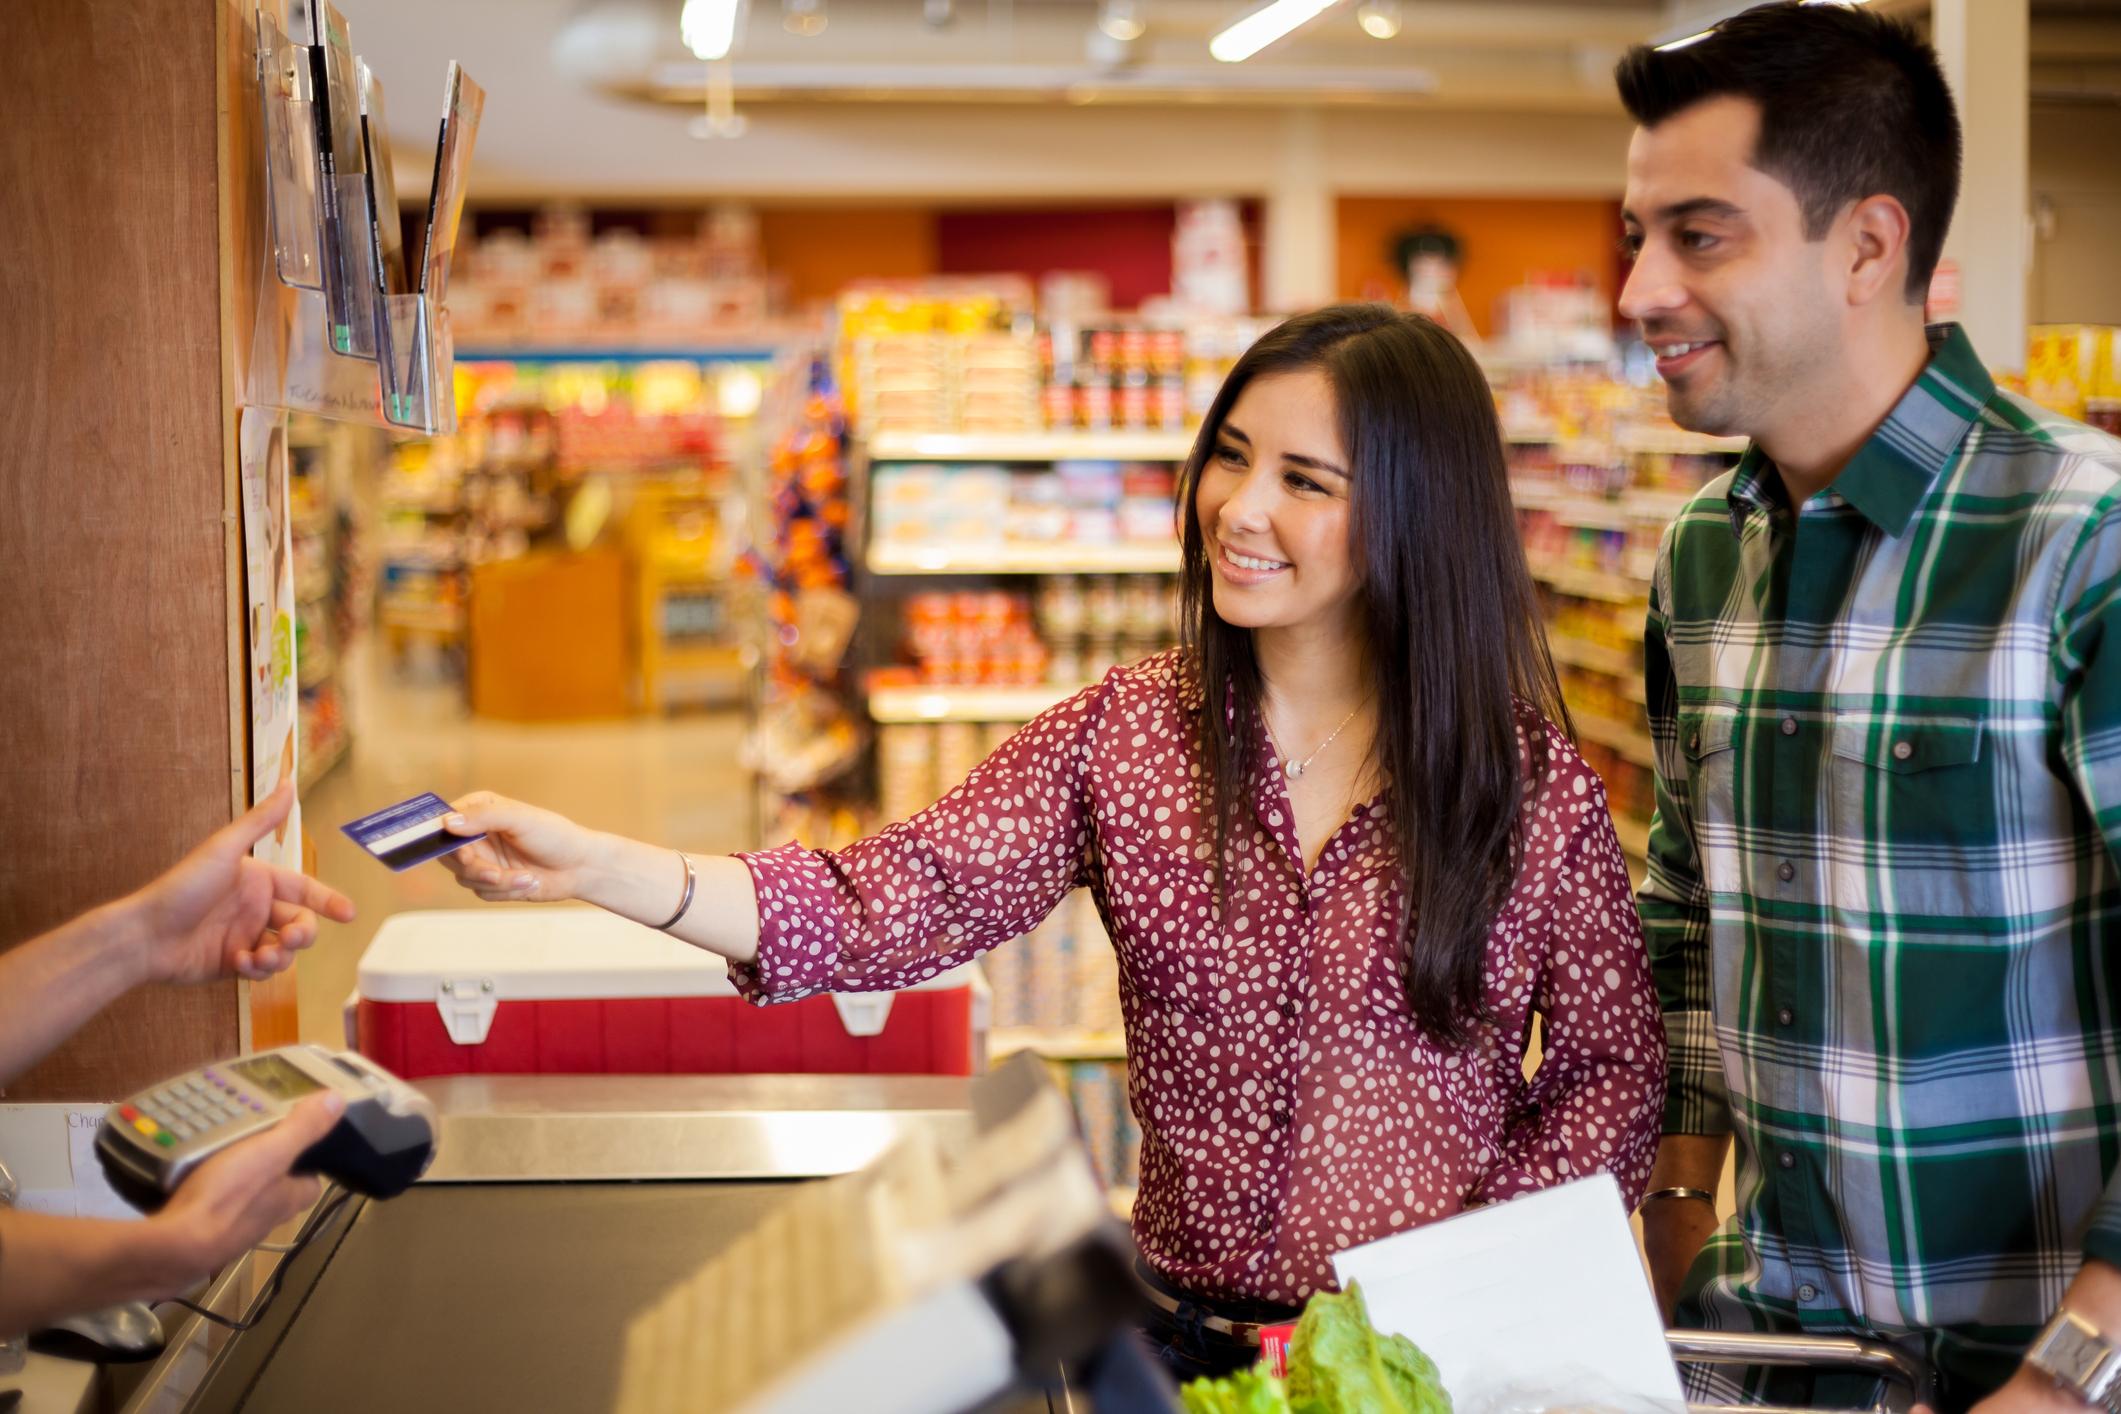 В почивните дни направете план за хранителните продукти и консумативите, които ще ви трябват през седмицата. Неделите обикновено са най-подходящи за голямото пазаруване в супермаркета. Но преди това си направете списък с най-необходимите или липсващите продукти в шкафовете и хладилника.